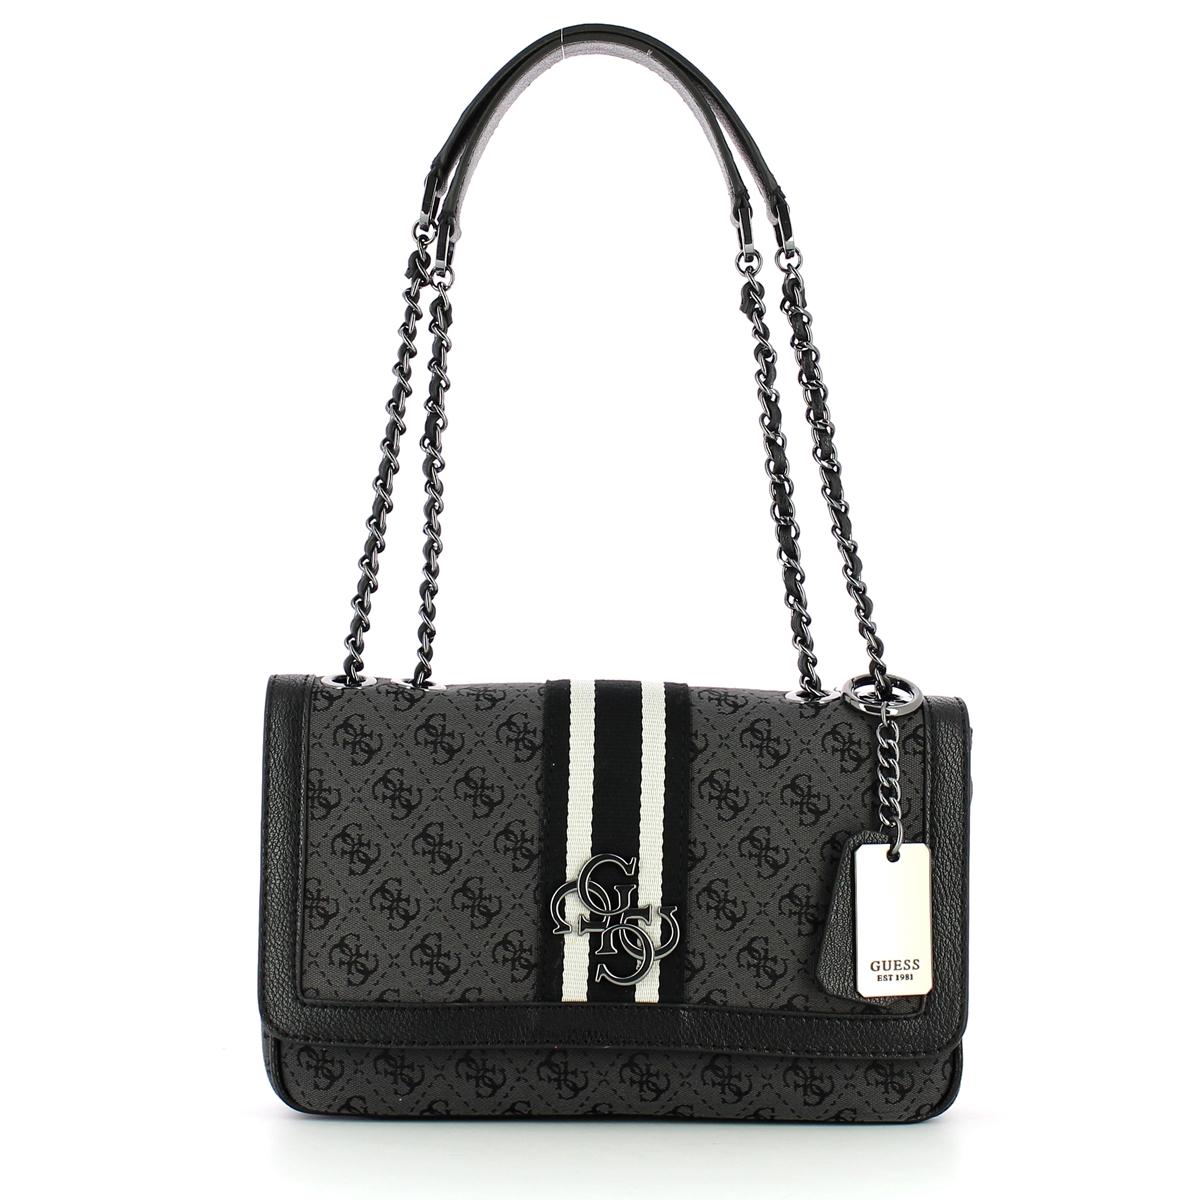 come riconoscere borse originali guess? Community di eBay